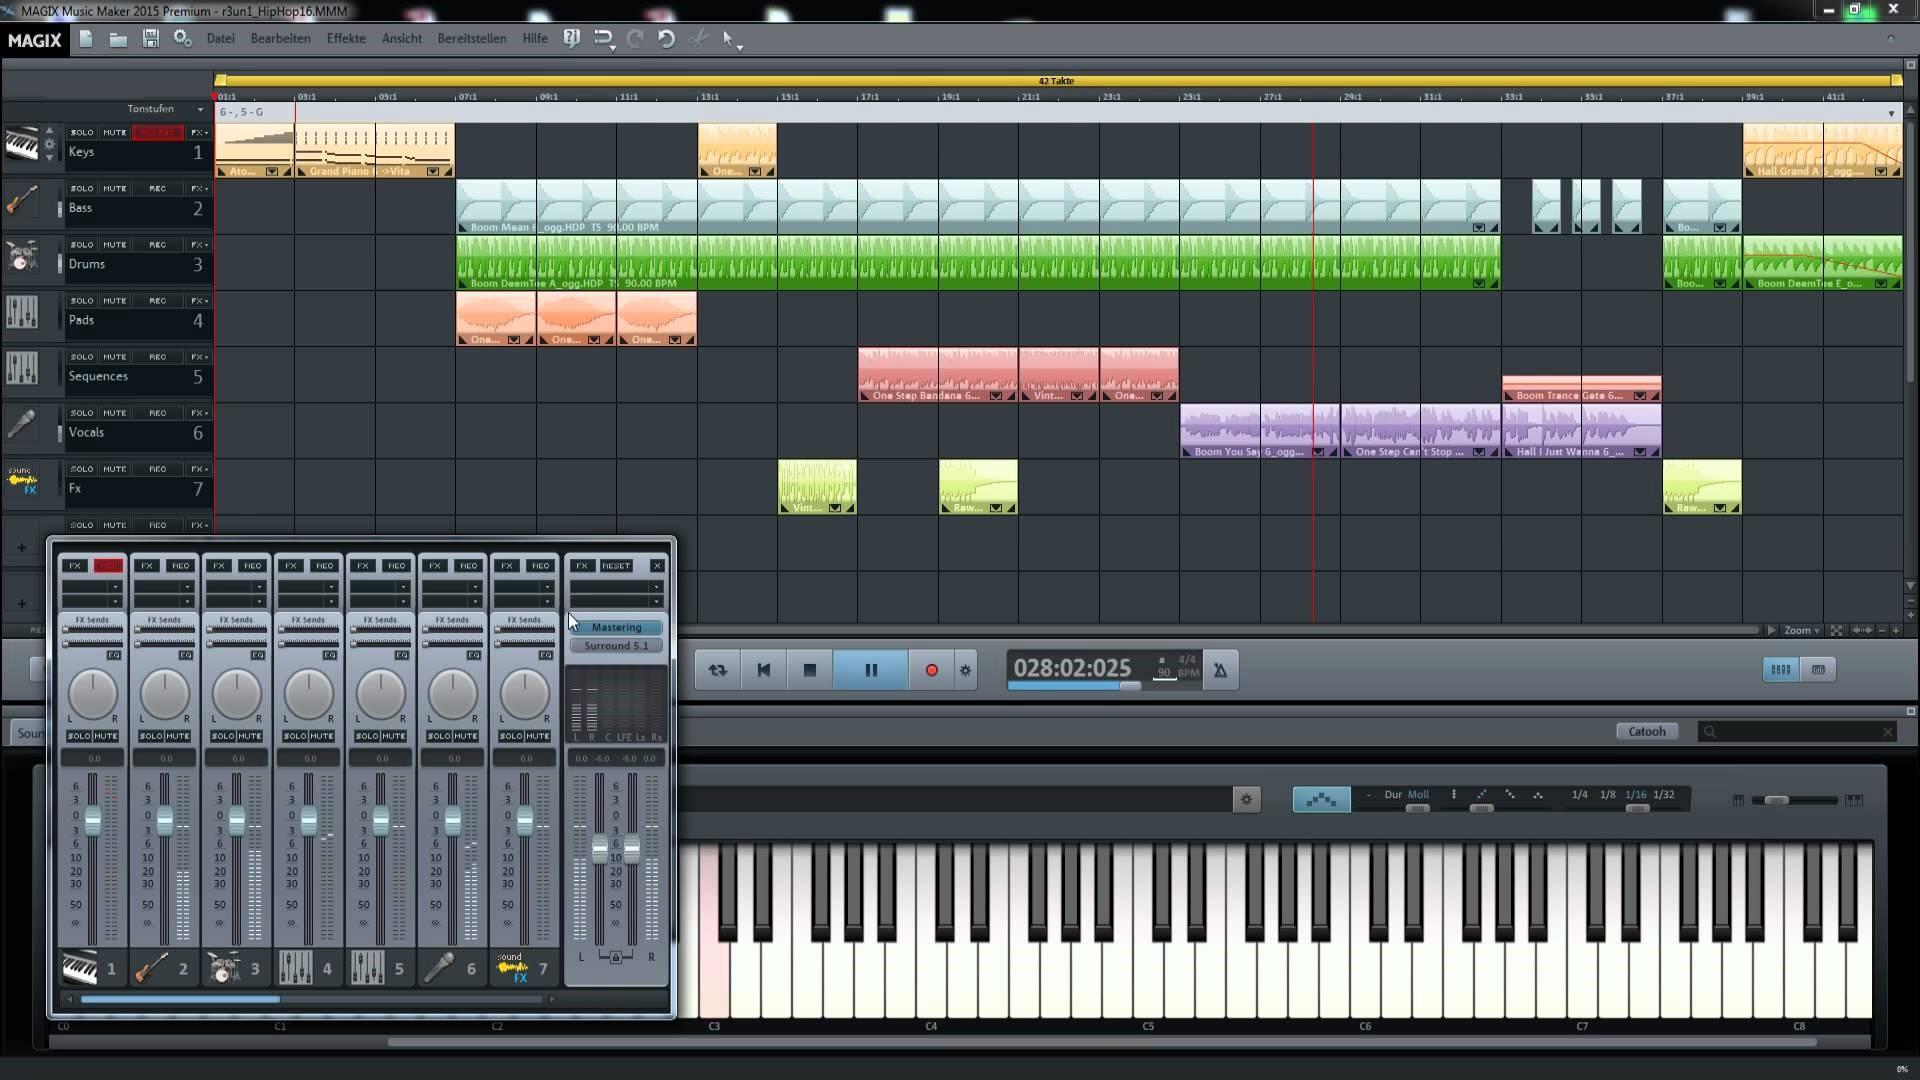 Рис.2. Интерфейс приложения MAGIX Music Maker 2015